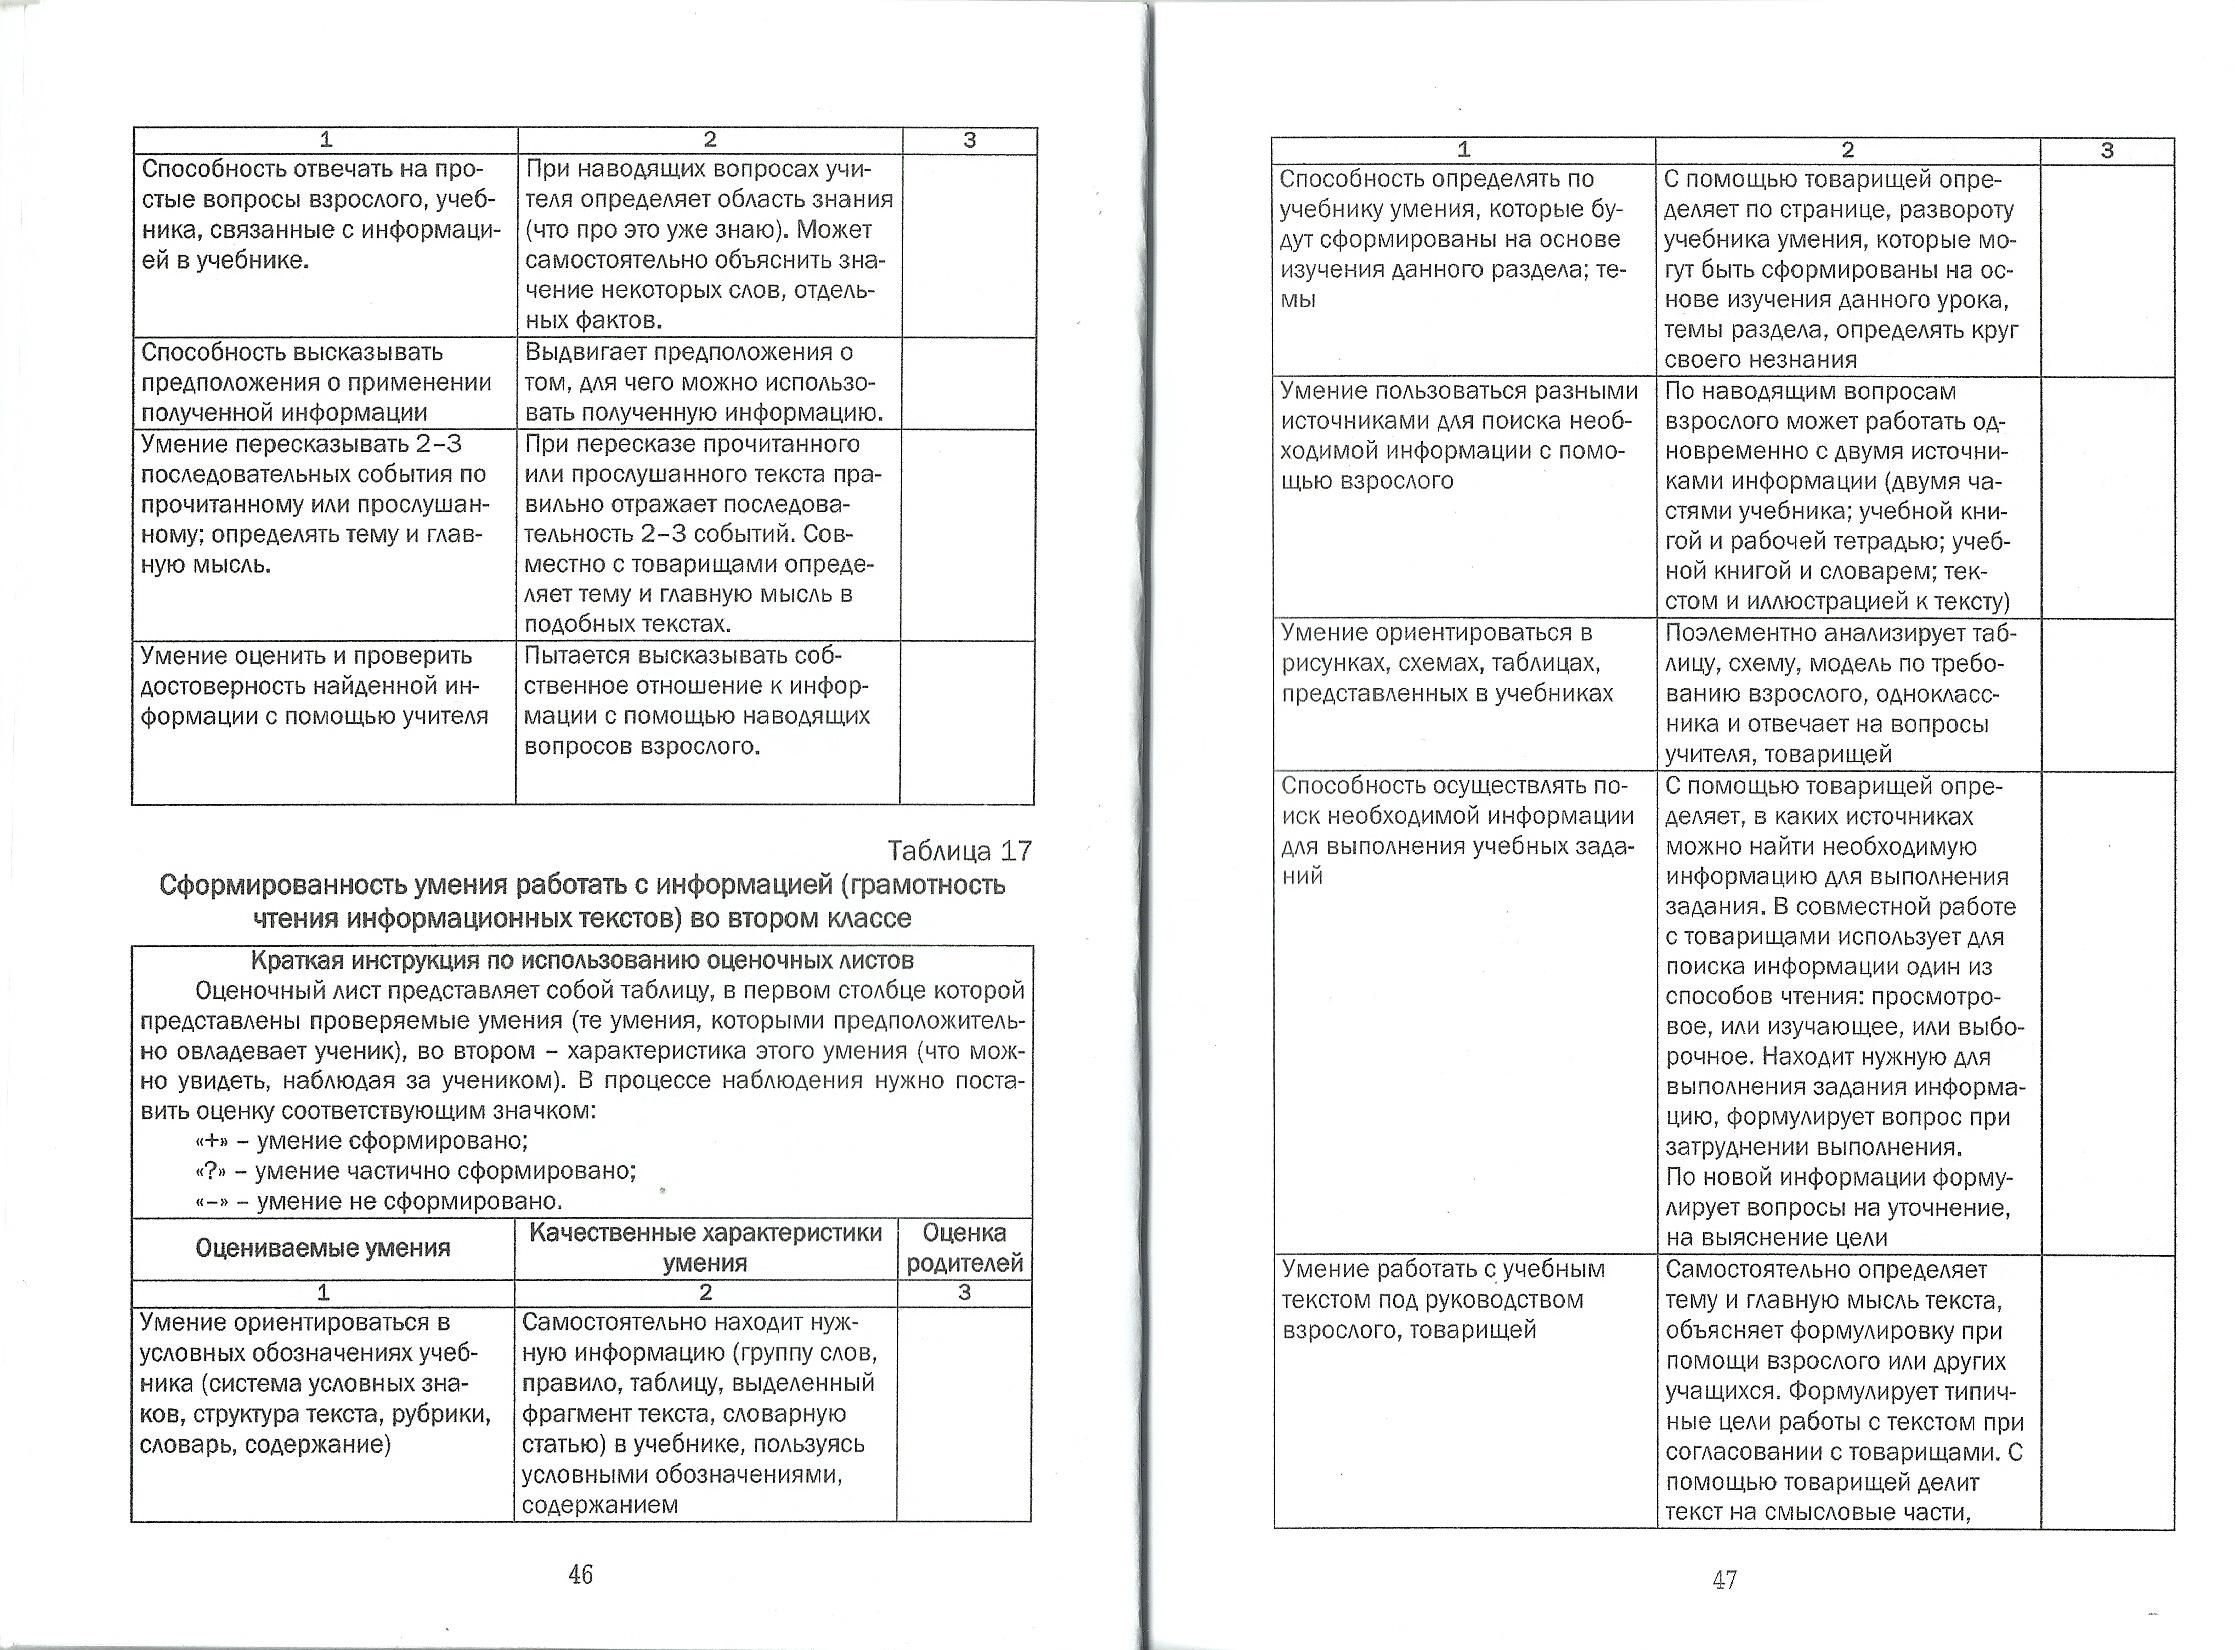 C:\Users\Ирина\Desktop\рабочие программы 1 класс для проверки\привлечение родителей к оценке образовательных достижений младших школьников для совещания\2015-07 (июл)\сканирование0036.jpg